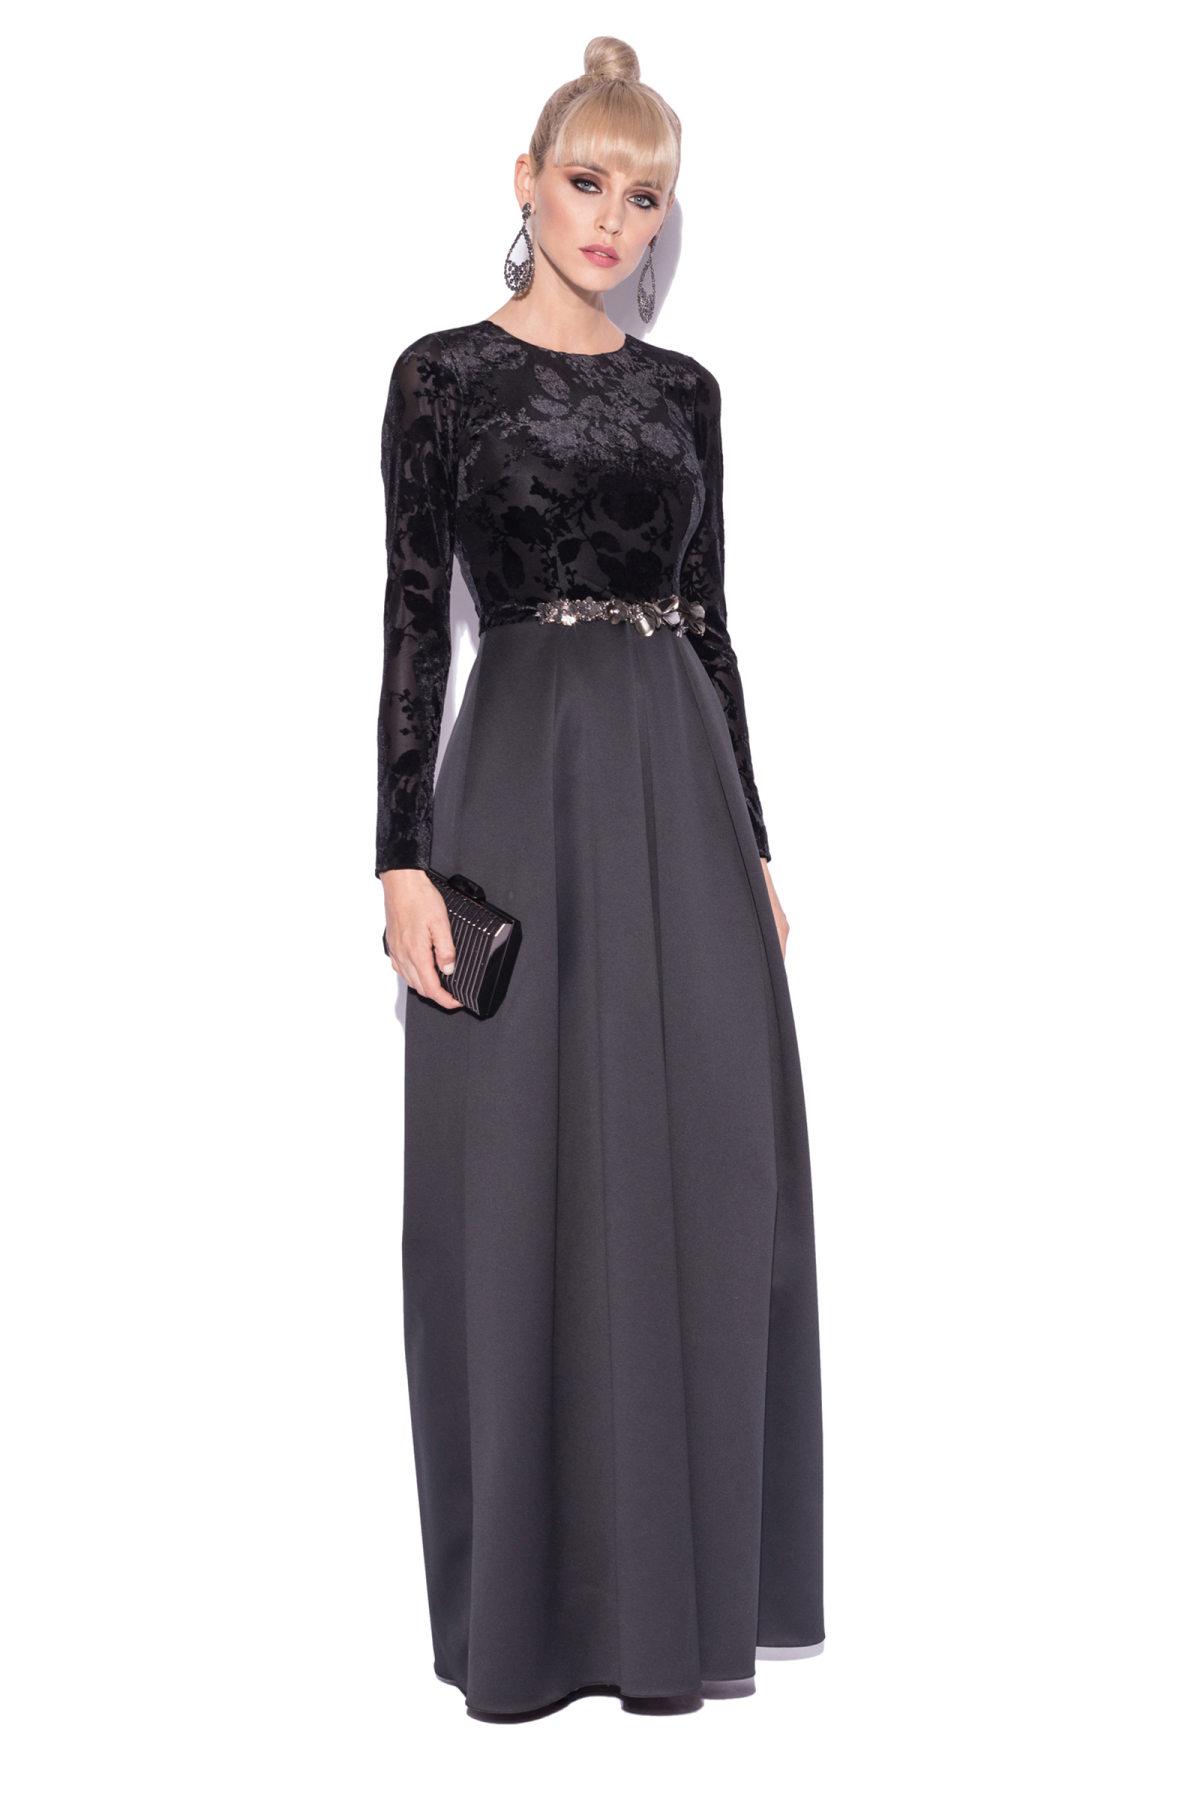 Rochie eleganta cu detaliu stralucitor in talie Negru